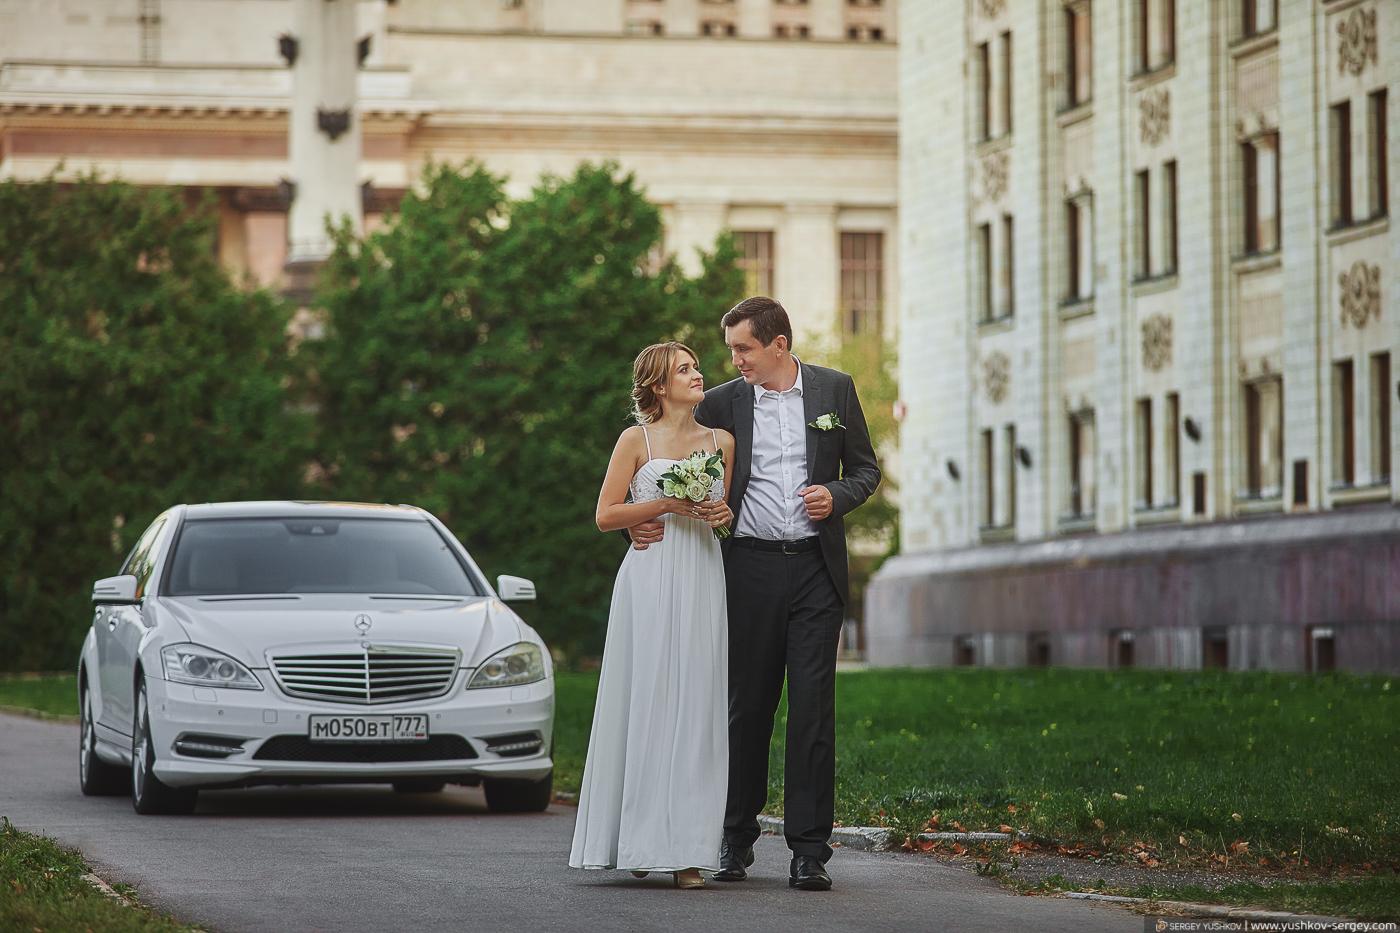 Свадебная фотосессия для двоих в Москве. Фотограф Сергей Юшков.